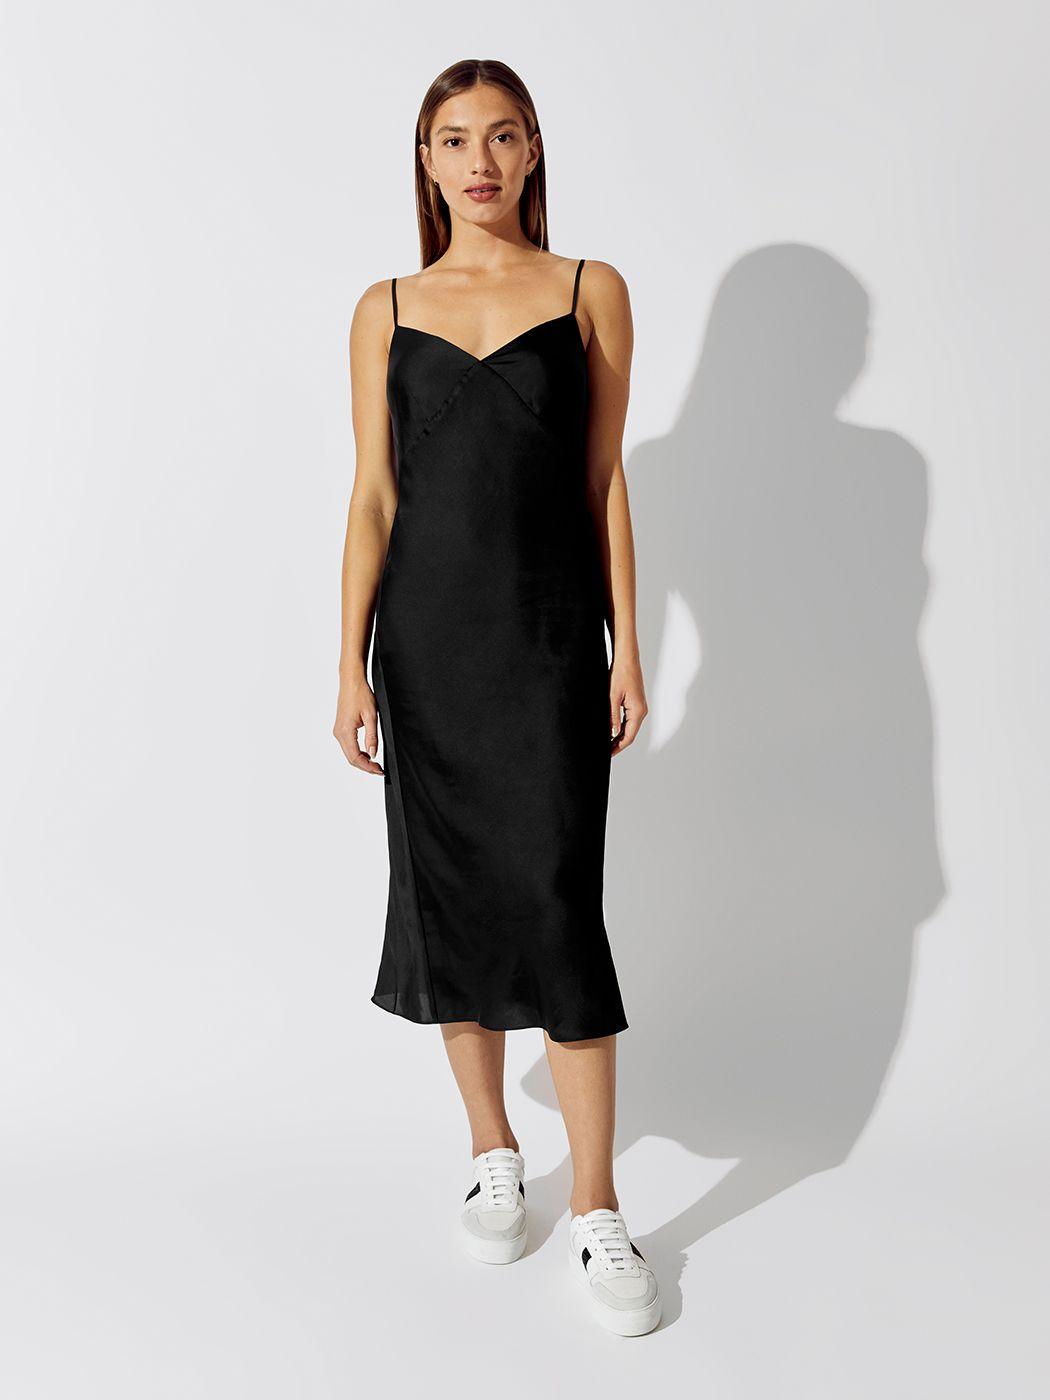 Stretch Midi Dress Stretch Midi Dress Midi Dress Dresses [ 1400 x 1050 Pixel ]